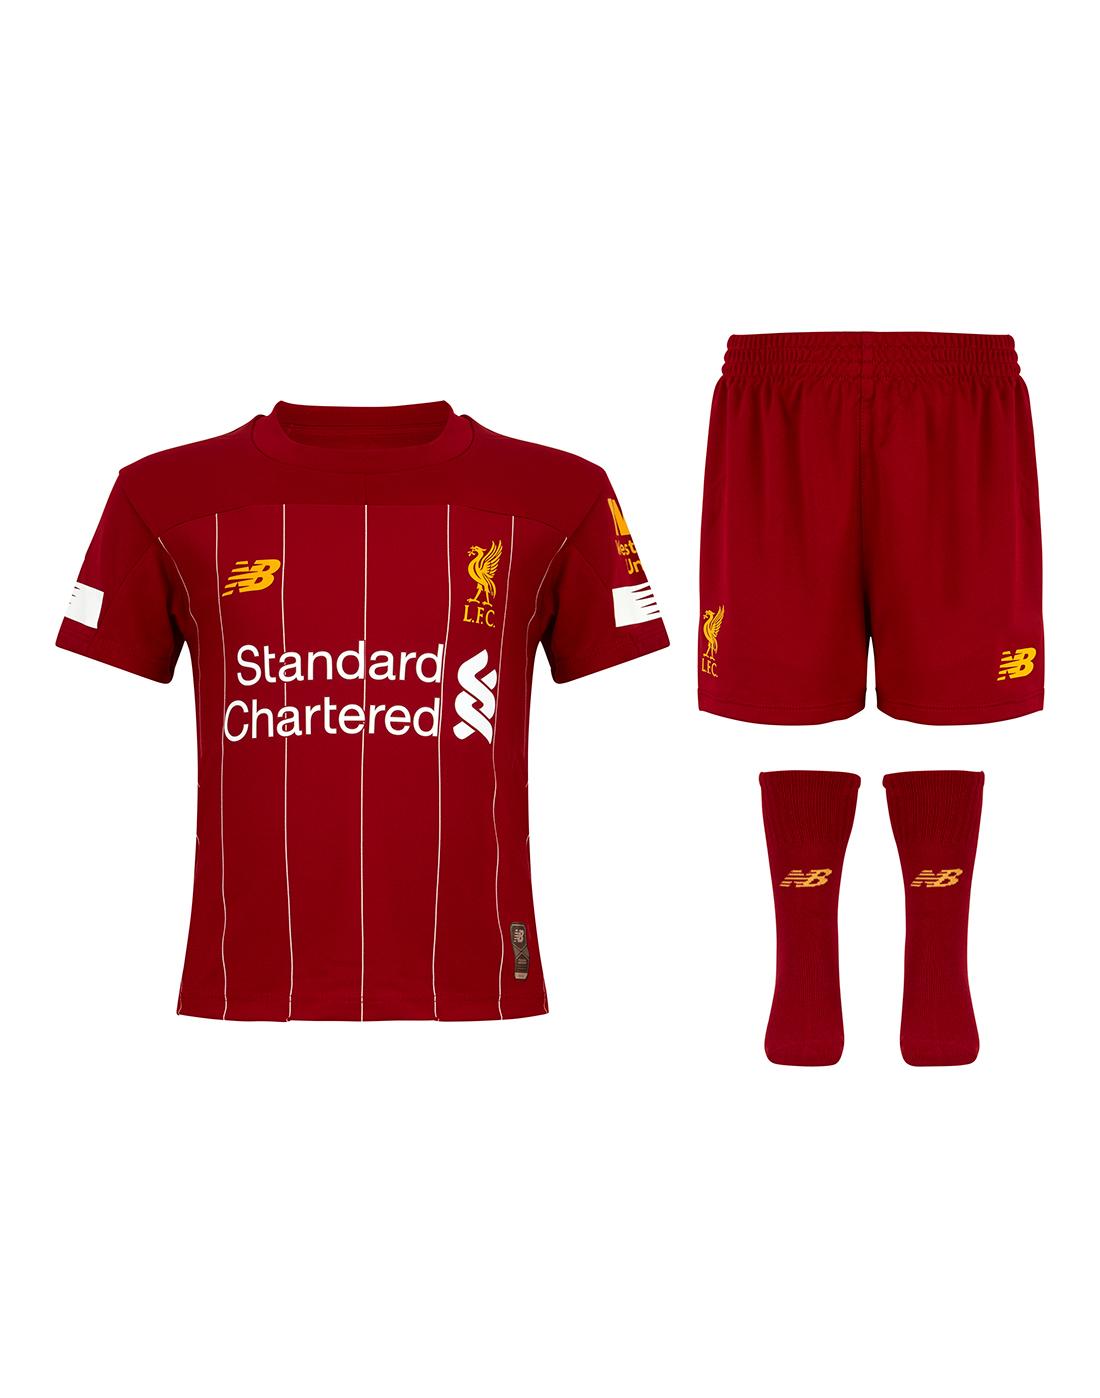 b73d4b1b0 New Balance. Kids Liverpool 19 20 Home Kit. Kids Liverpool 19 20 Home Kit  ...